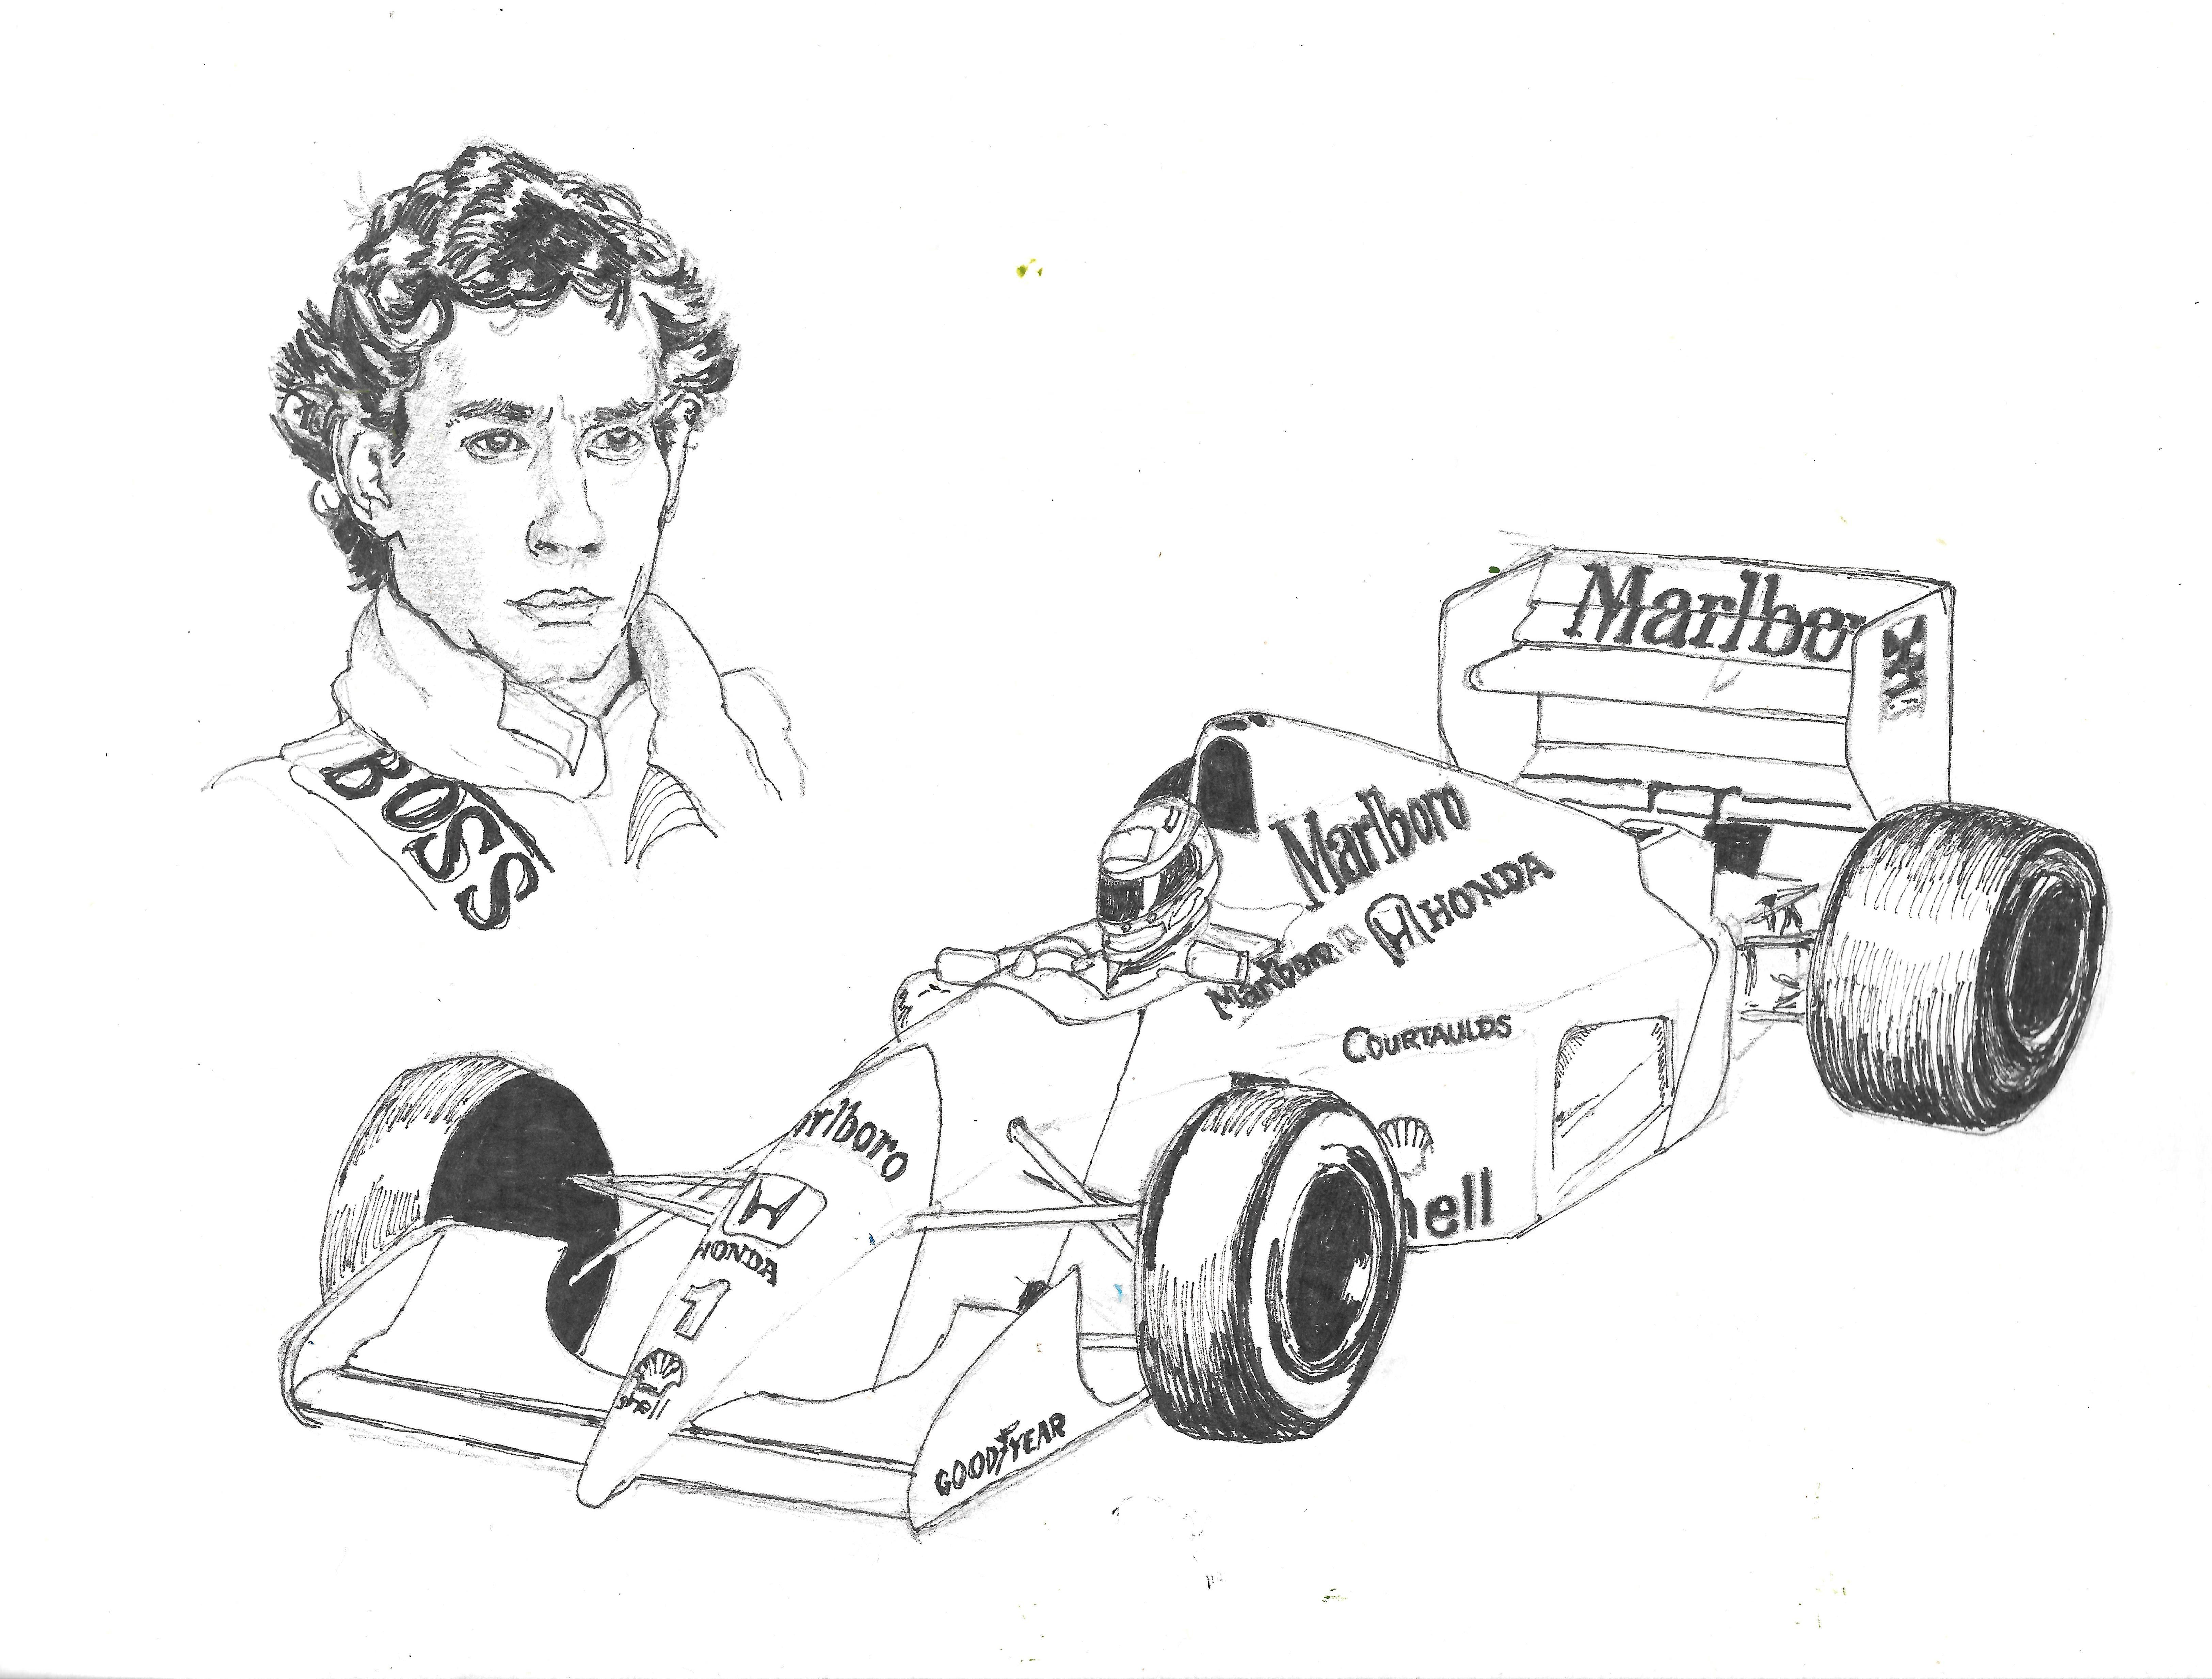 Ayrton Senna And Marlboro Mclaren Ayrton Senna Ayrton Car And Driver